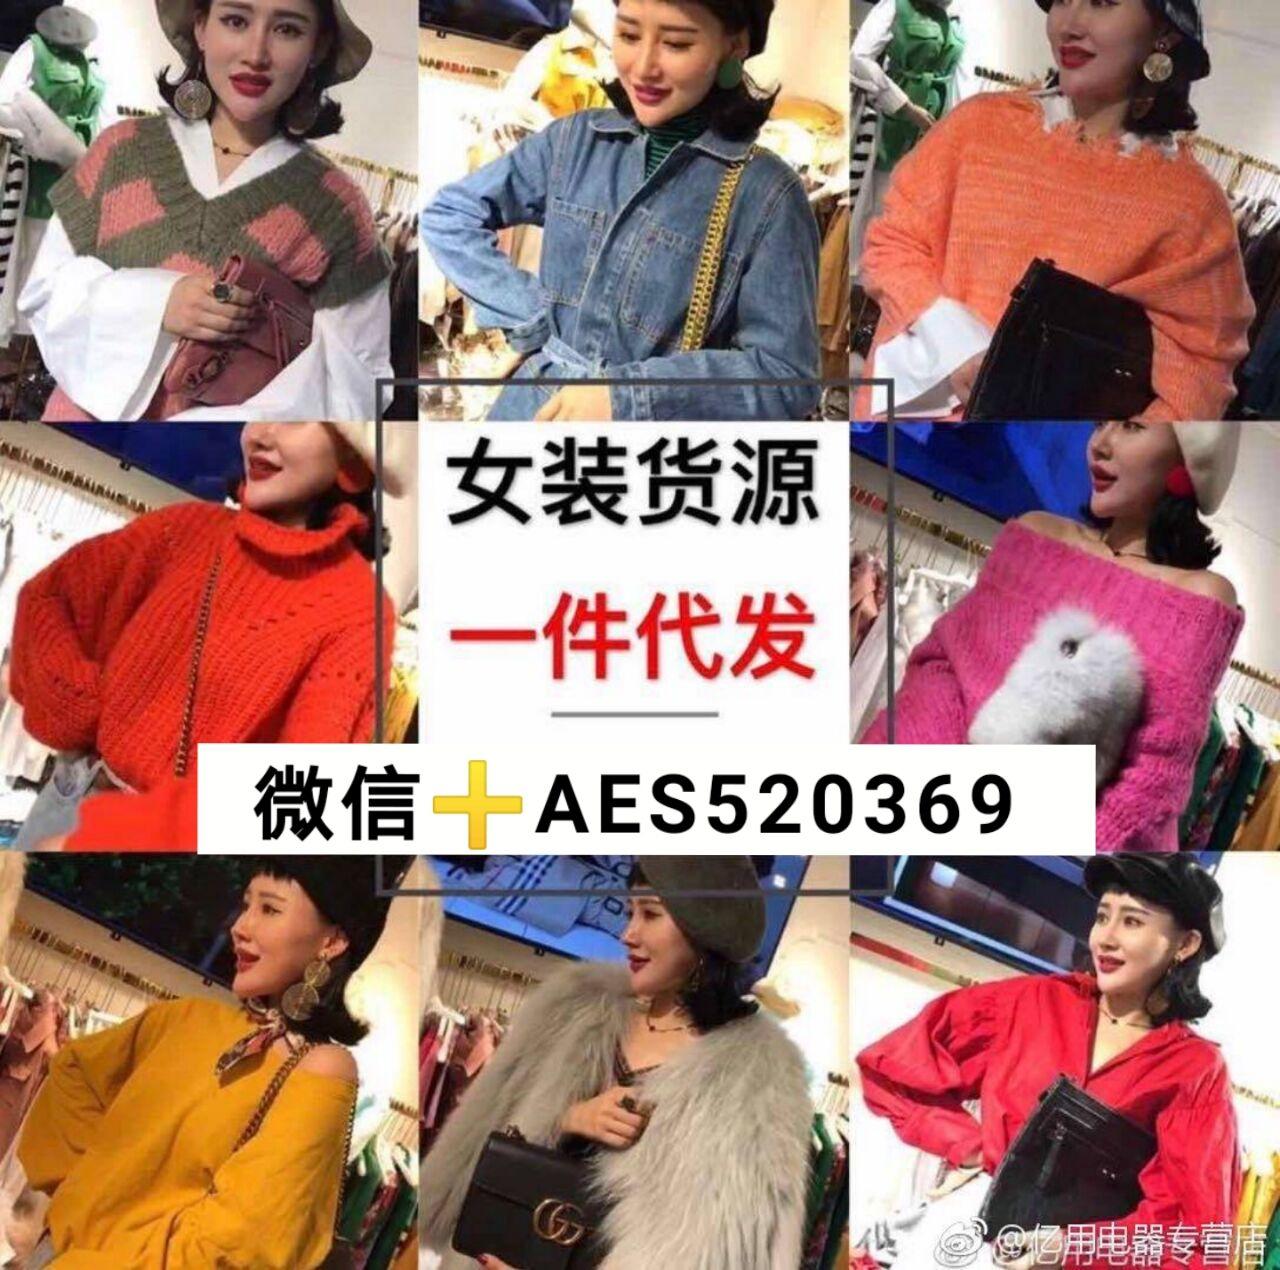 日韩女装潮流童装一手货源 ,教精准引流,客源